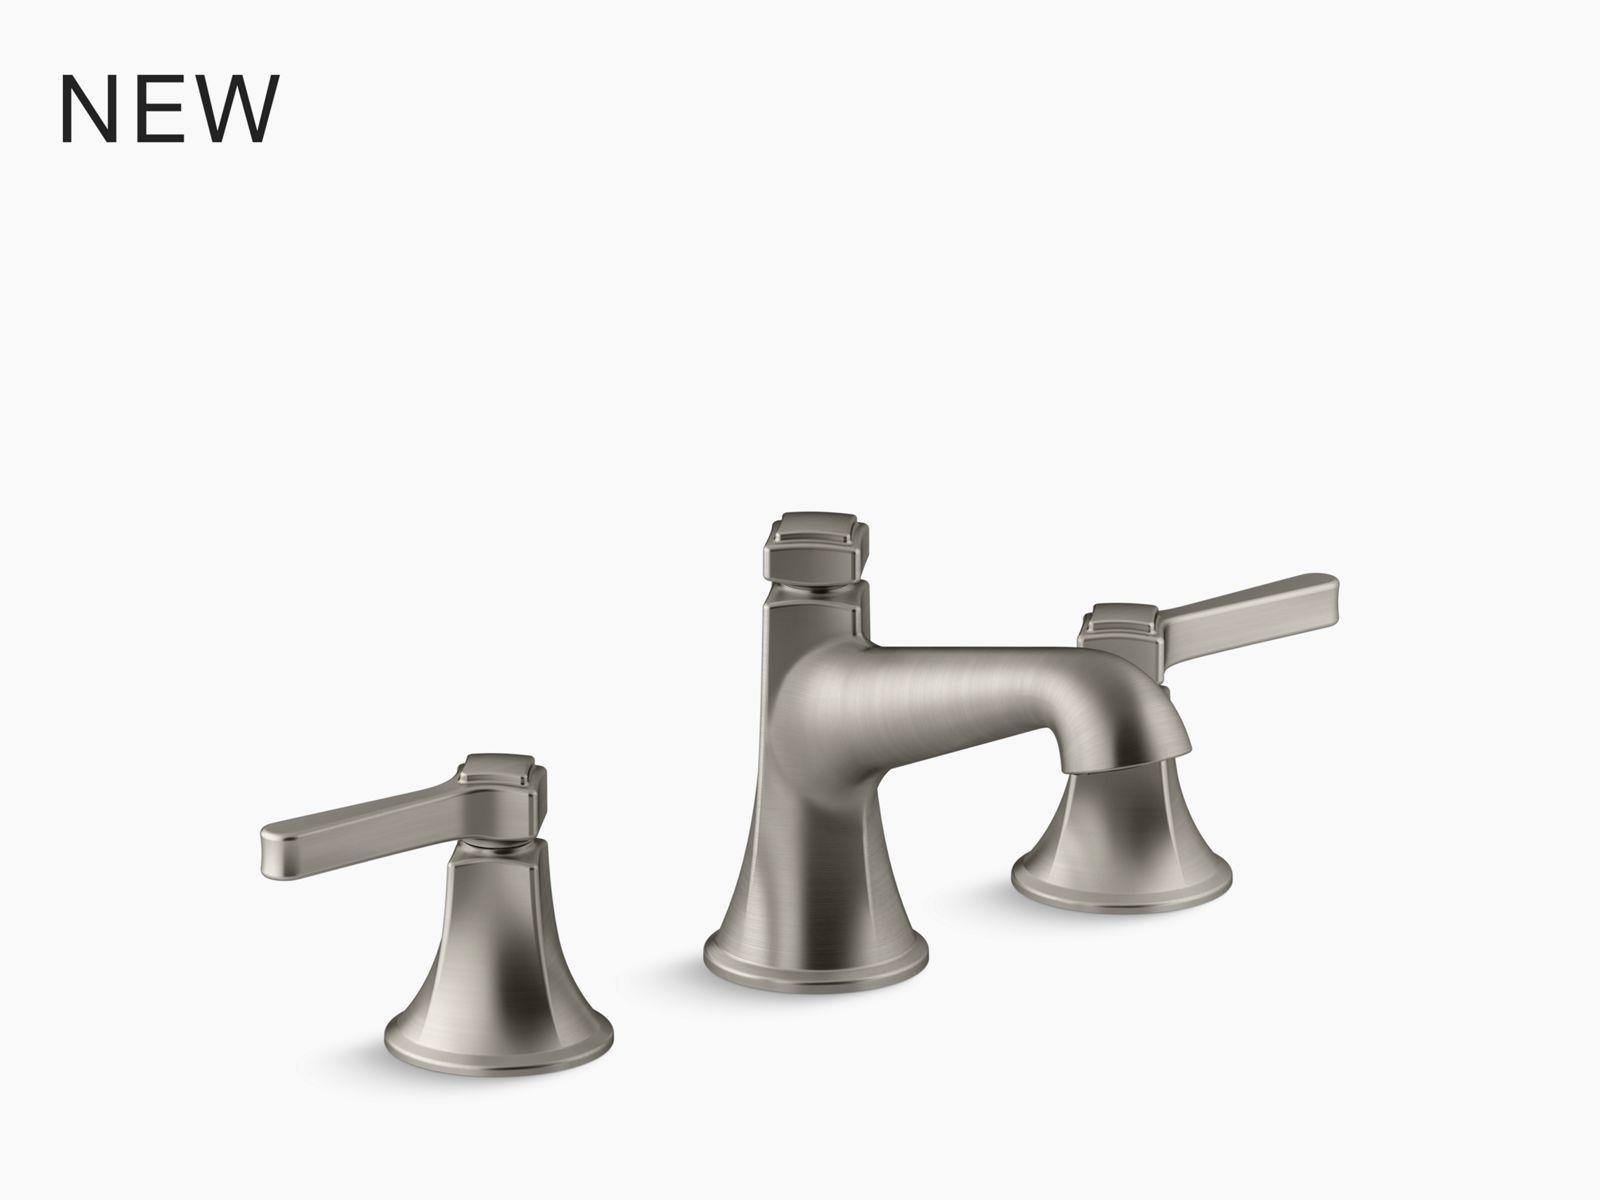 northland 15 x 12 3 8 x 7 5 8 undermount bar sink